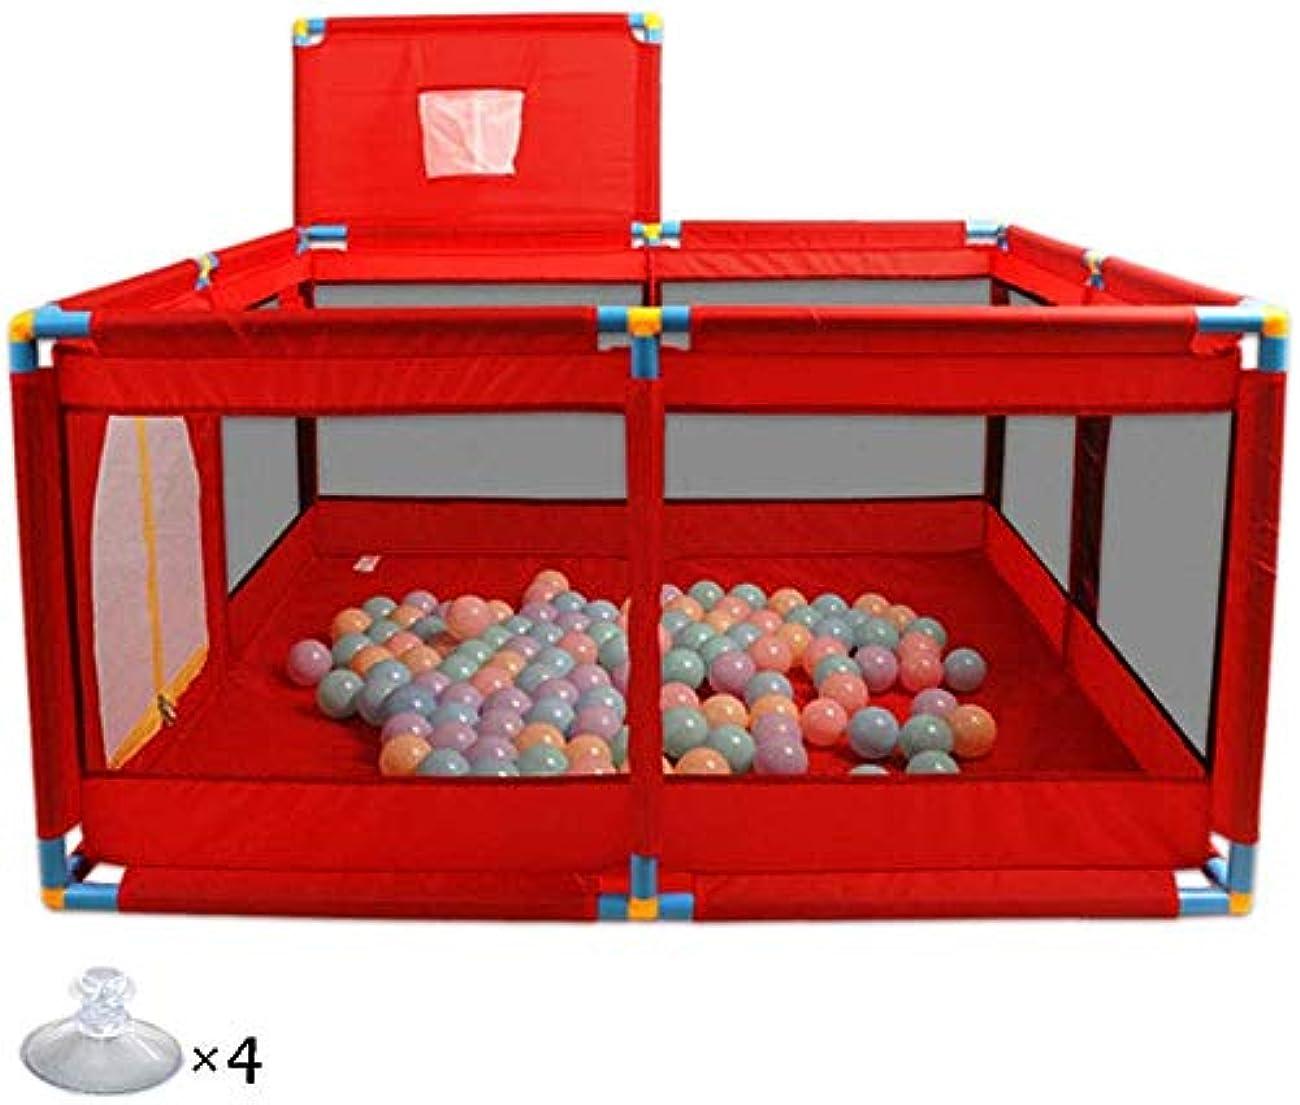 キリスト司令官連鎖Playpensポータブルベビー8パネル(バスケットボールフープ付き)、屋内子供用キッズプレイヤードアクティビティセンター、折りたたみ式屋外子供用セキュリティフェンス